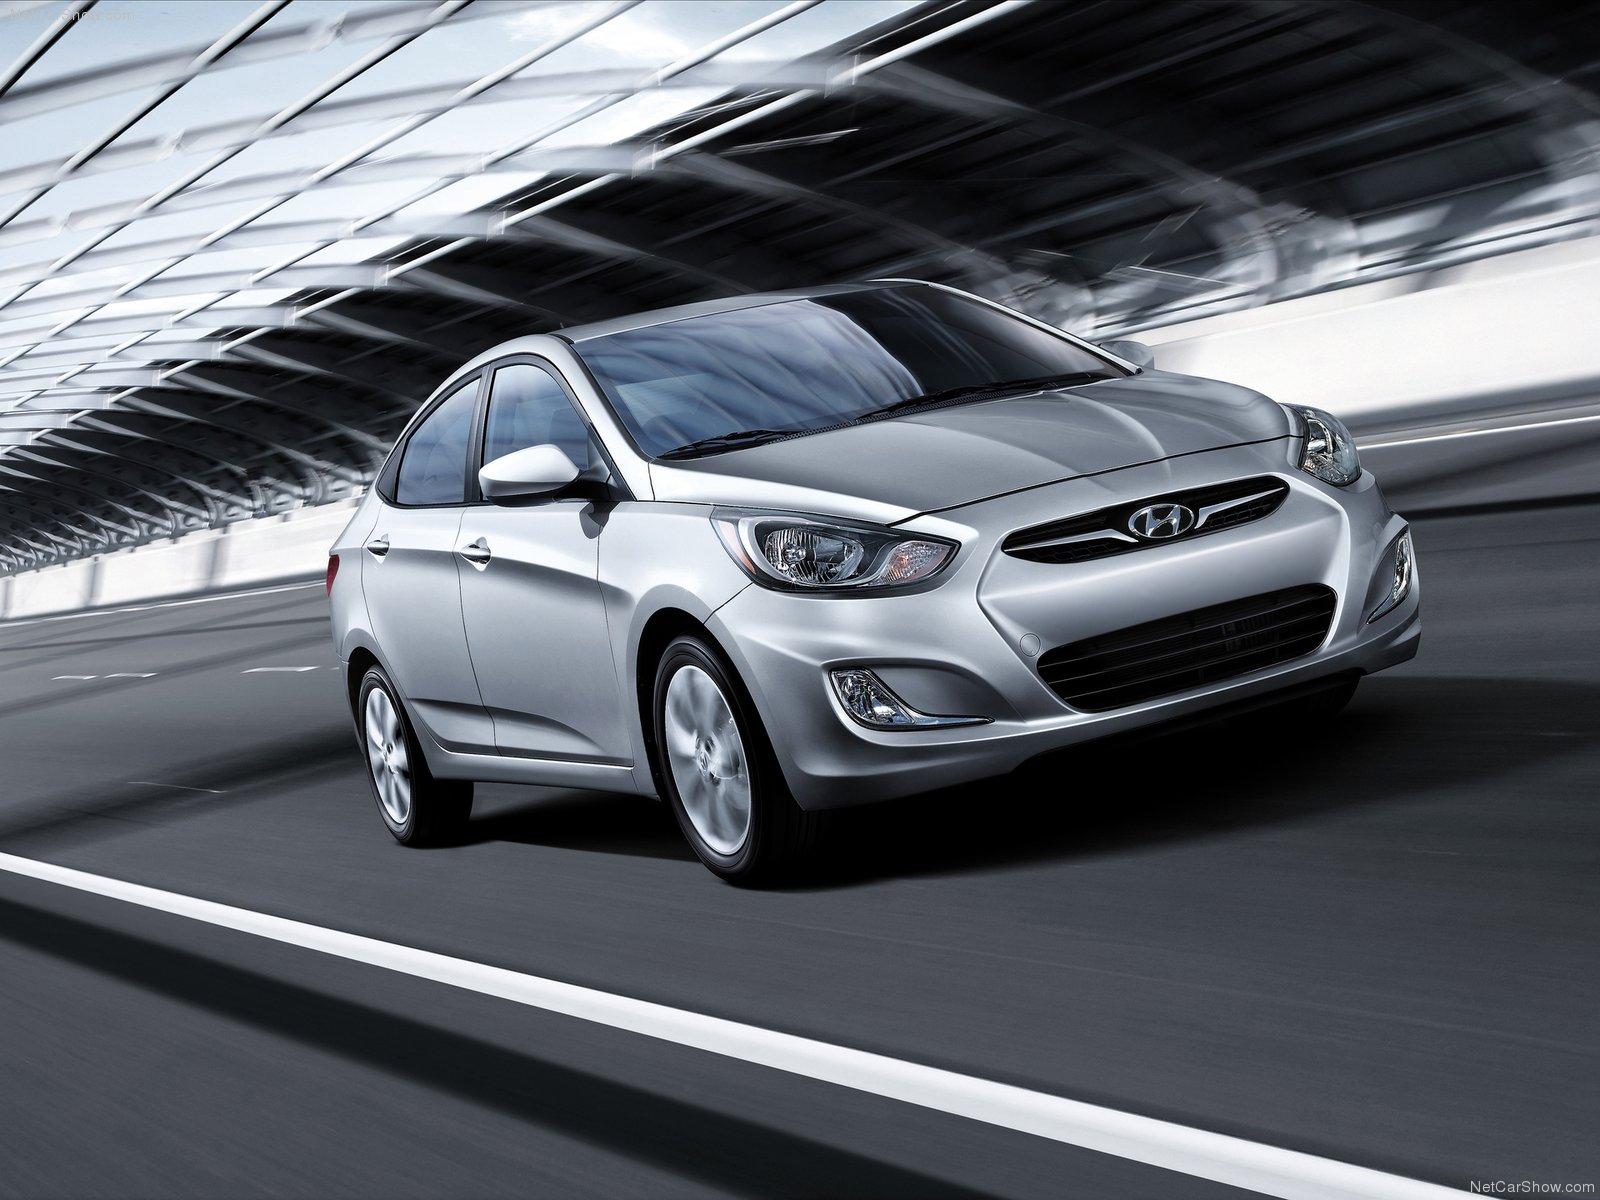 Hyundai-Accent_2012_Cheapest Cars around the world